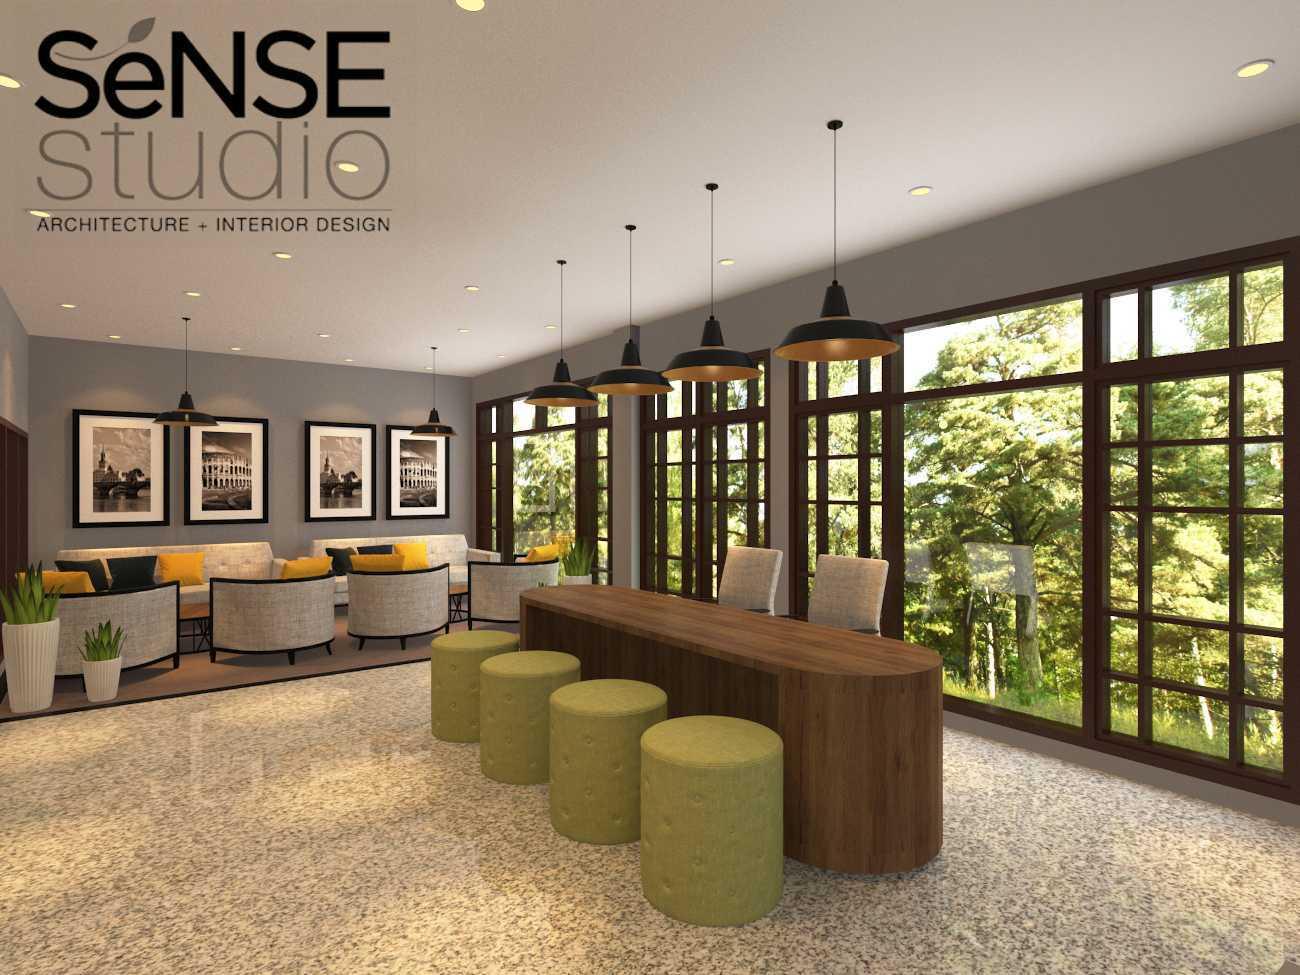 Sense Studio Kantor Propnex - Surabaya Surabaya, Kota Sby, Jawa Timur, Indonesia Surabaya, Kota Sby, Jawa Timur, Indonesia Sense-Studio-Propnex-Office   77766